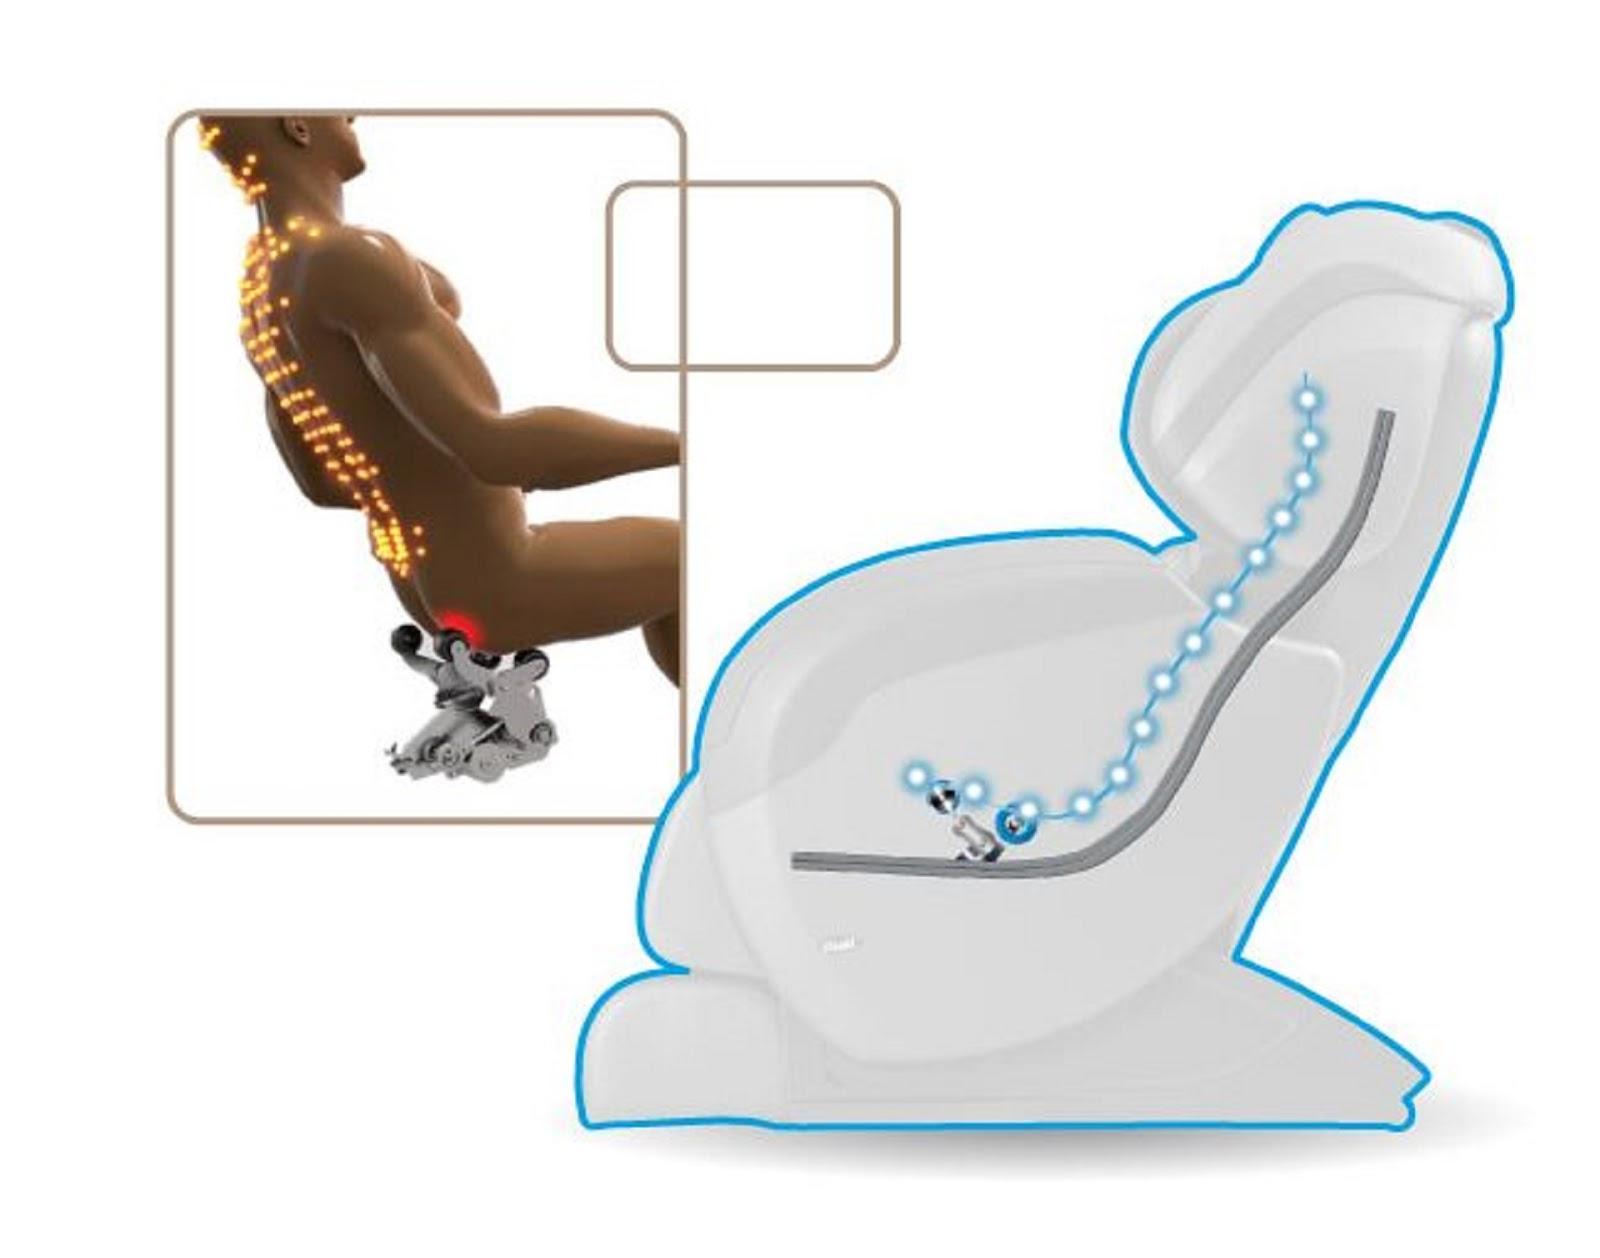 Dòng ghế massage chữ L cải tiến giúp tận hưởng cảm giác thoải mái đến tận vùng mông.